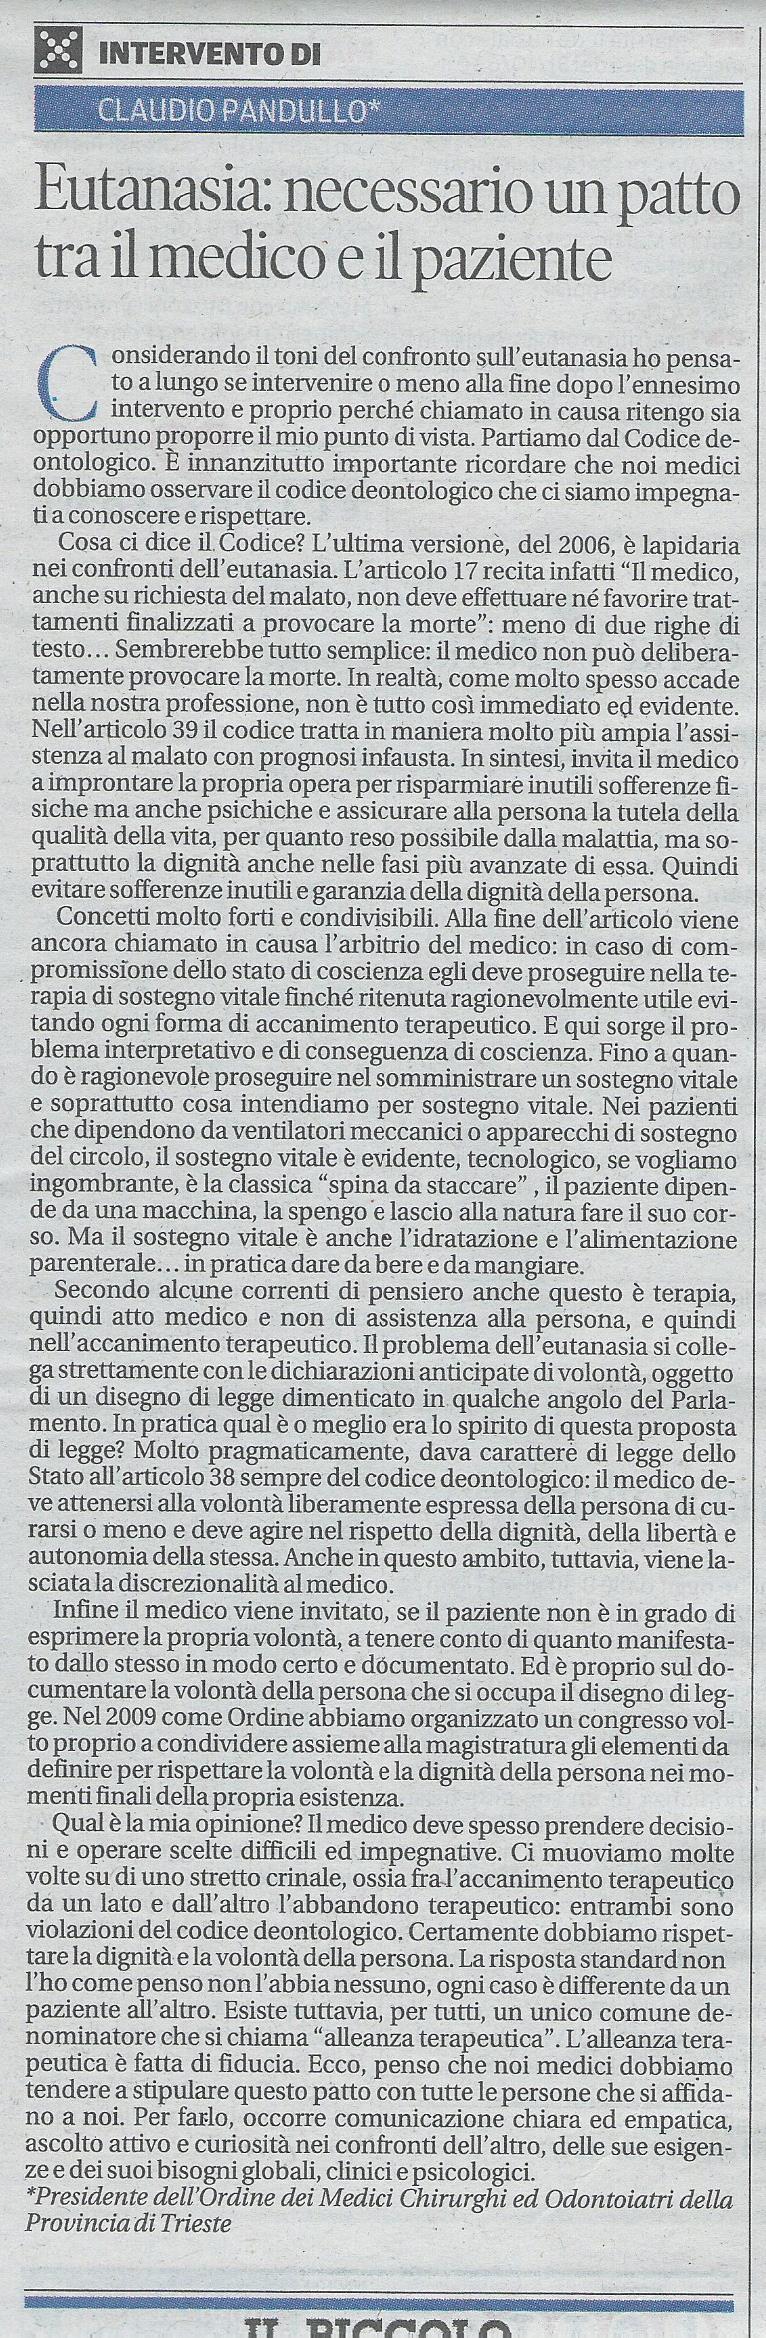 2013-09-22 Il Piccolo pagina 44 Intervento Pandullo